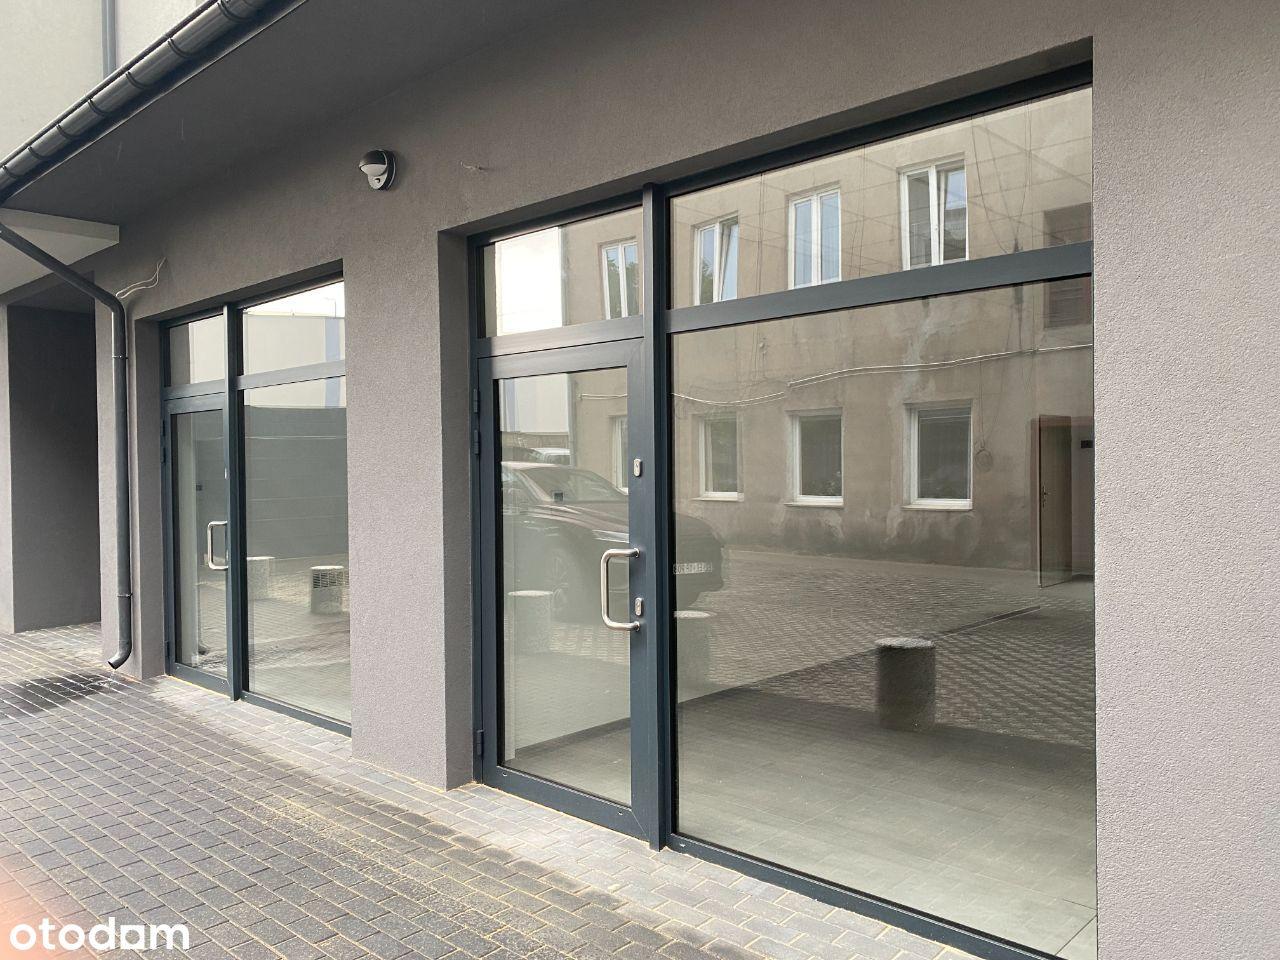 Lokal Handlowy Usługowy 46 m2 Zgierz Centrum Nowy